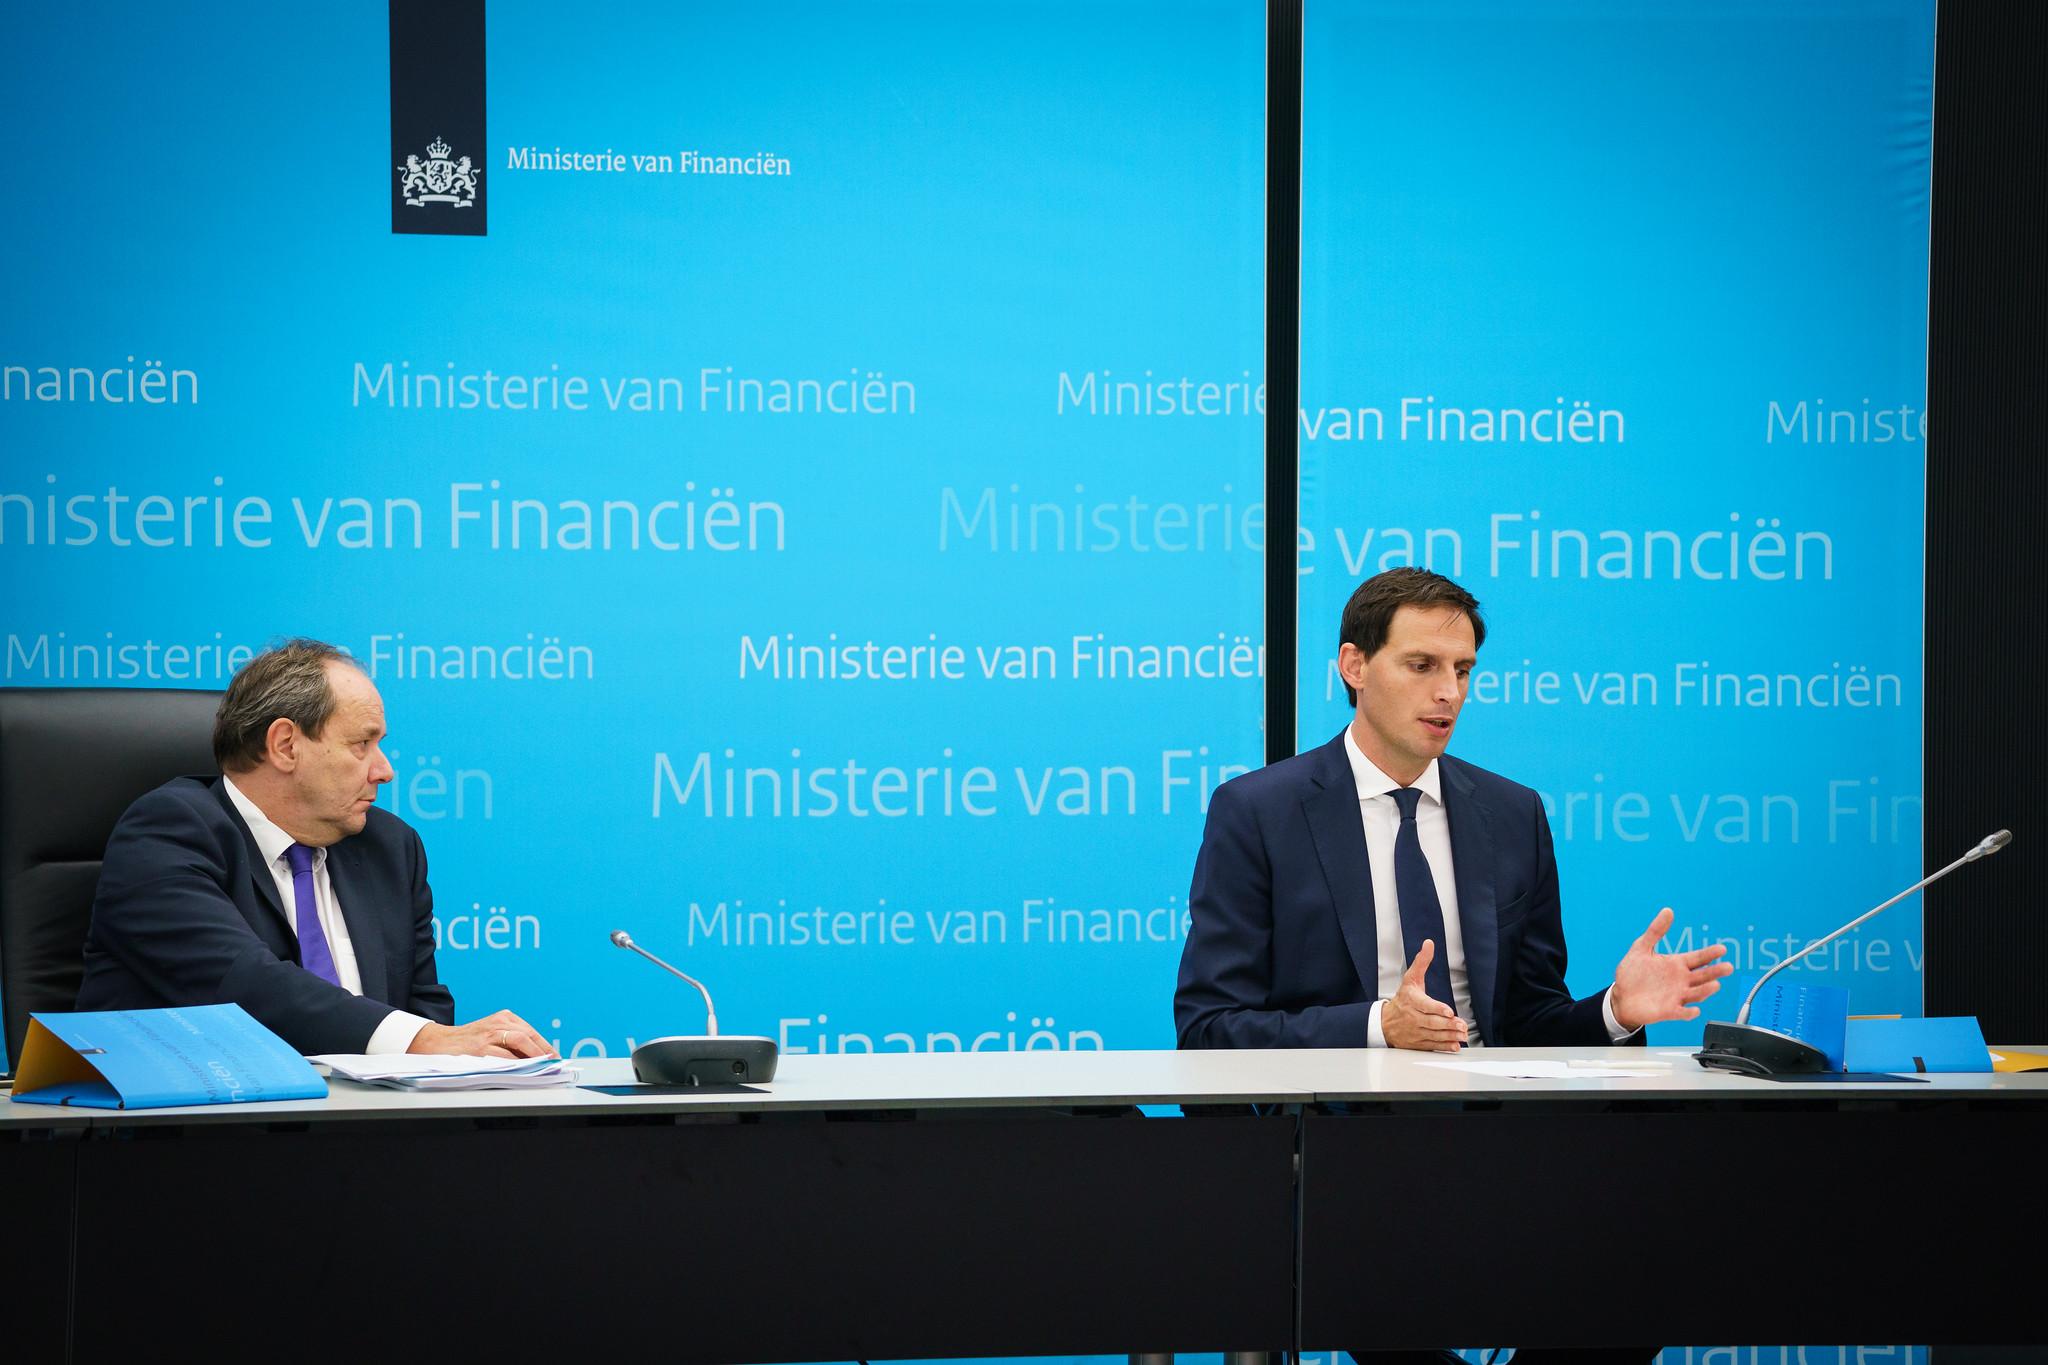 Wopke Hoekstra en de toelichting op de miljoenennota in 2020